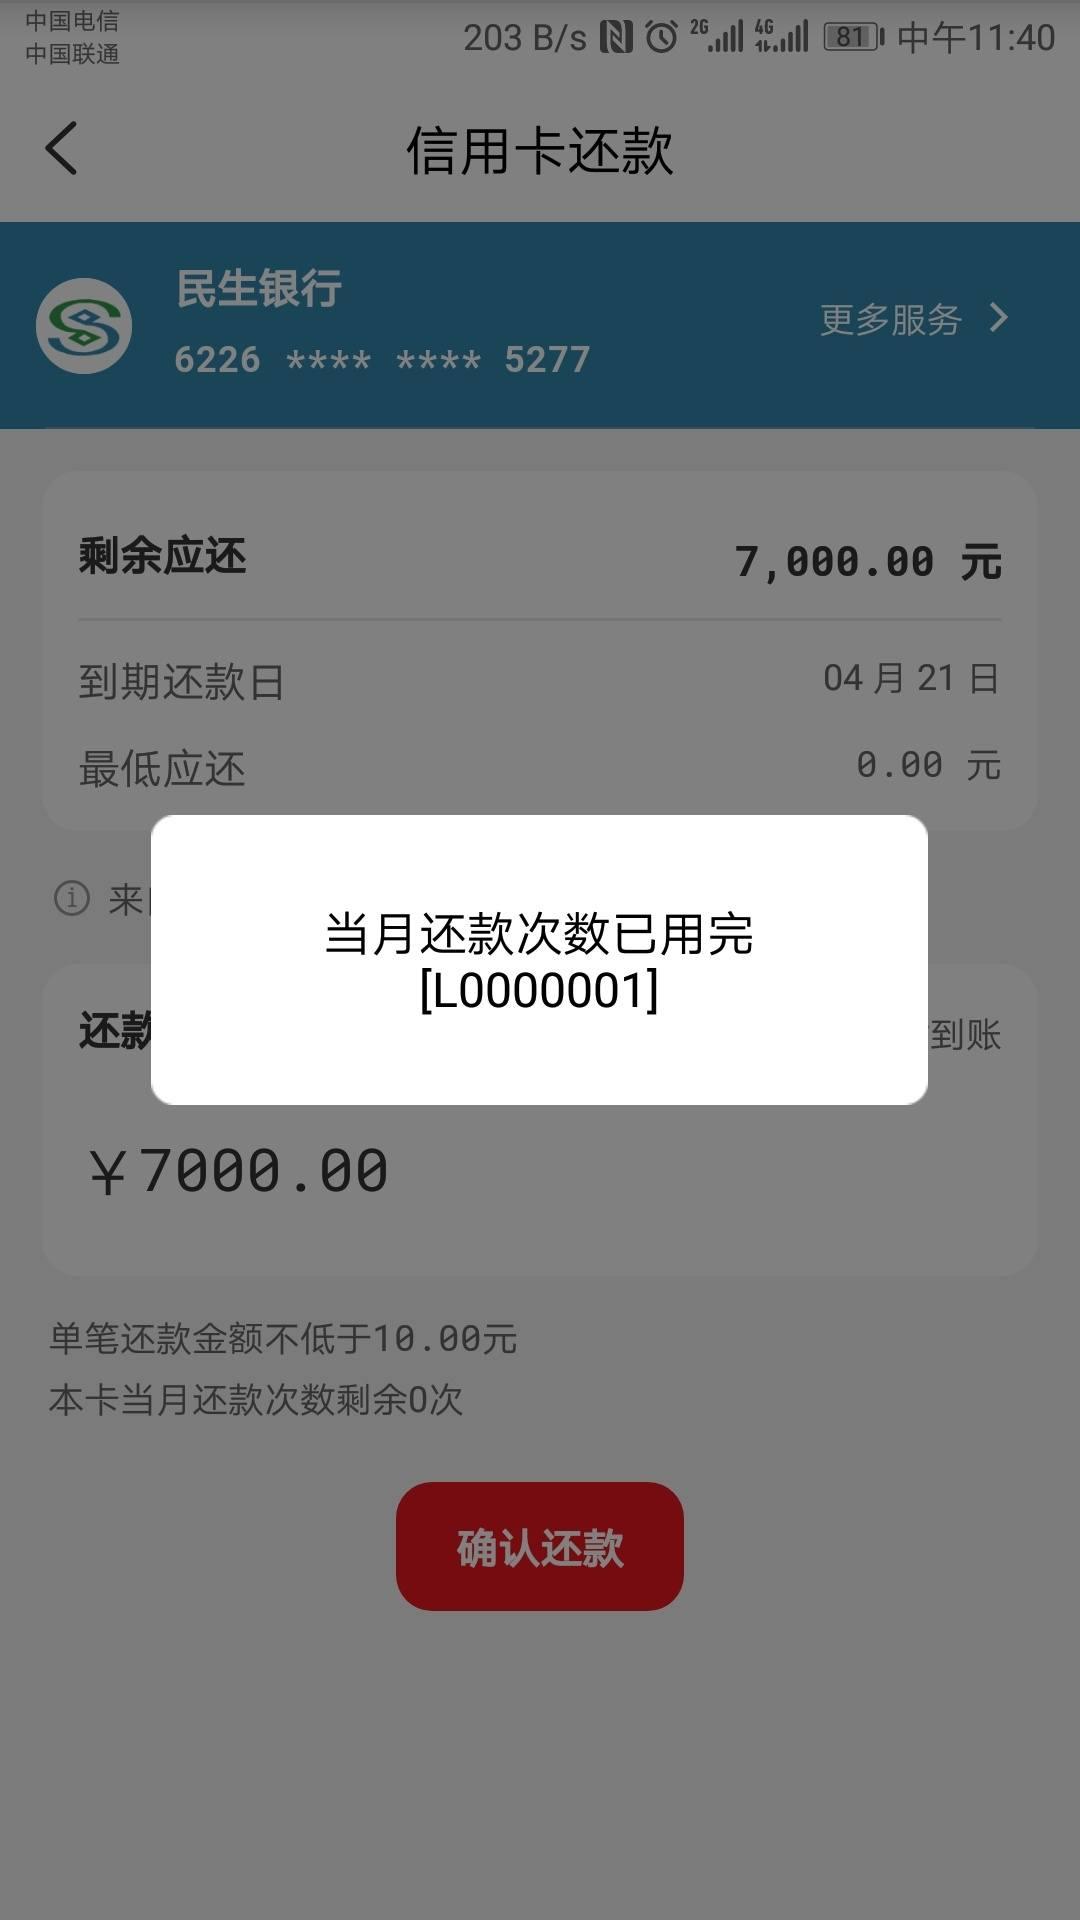 D743BB7461F340A09CBE38866A36EE9D.jpg